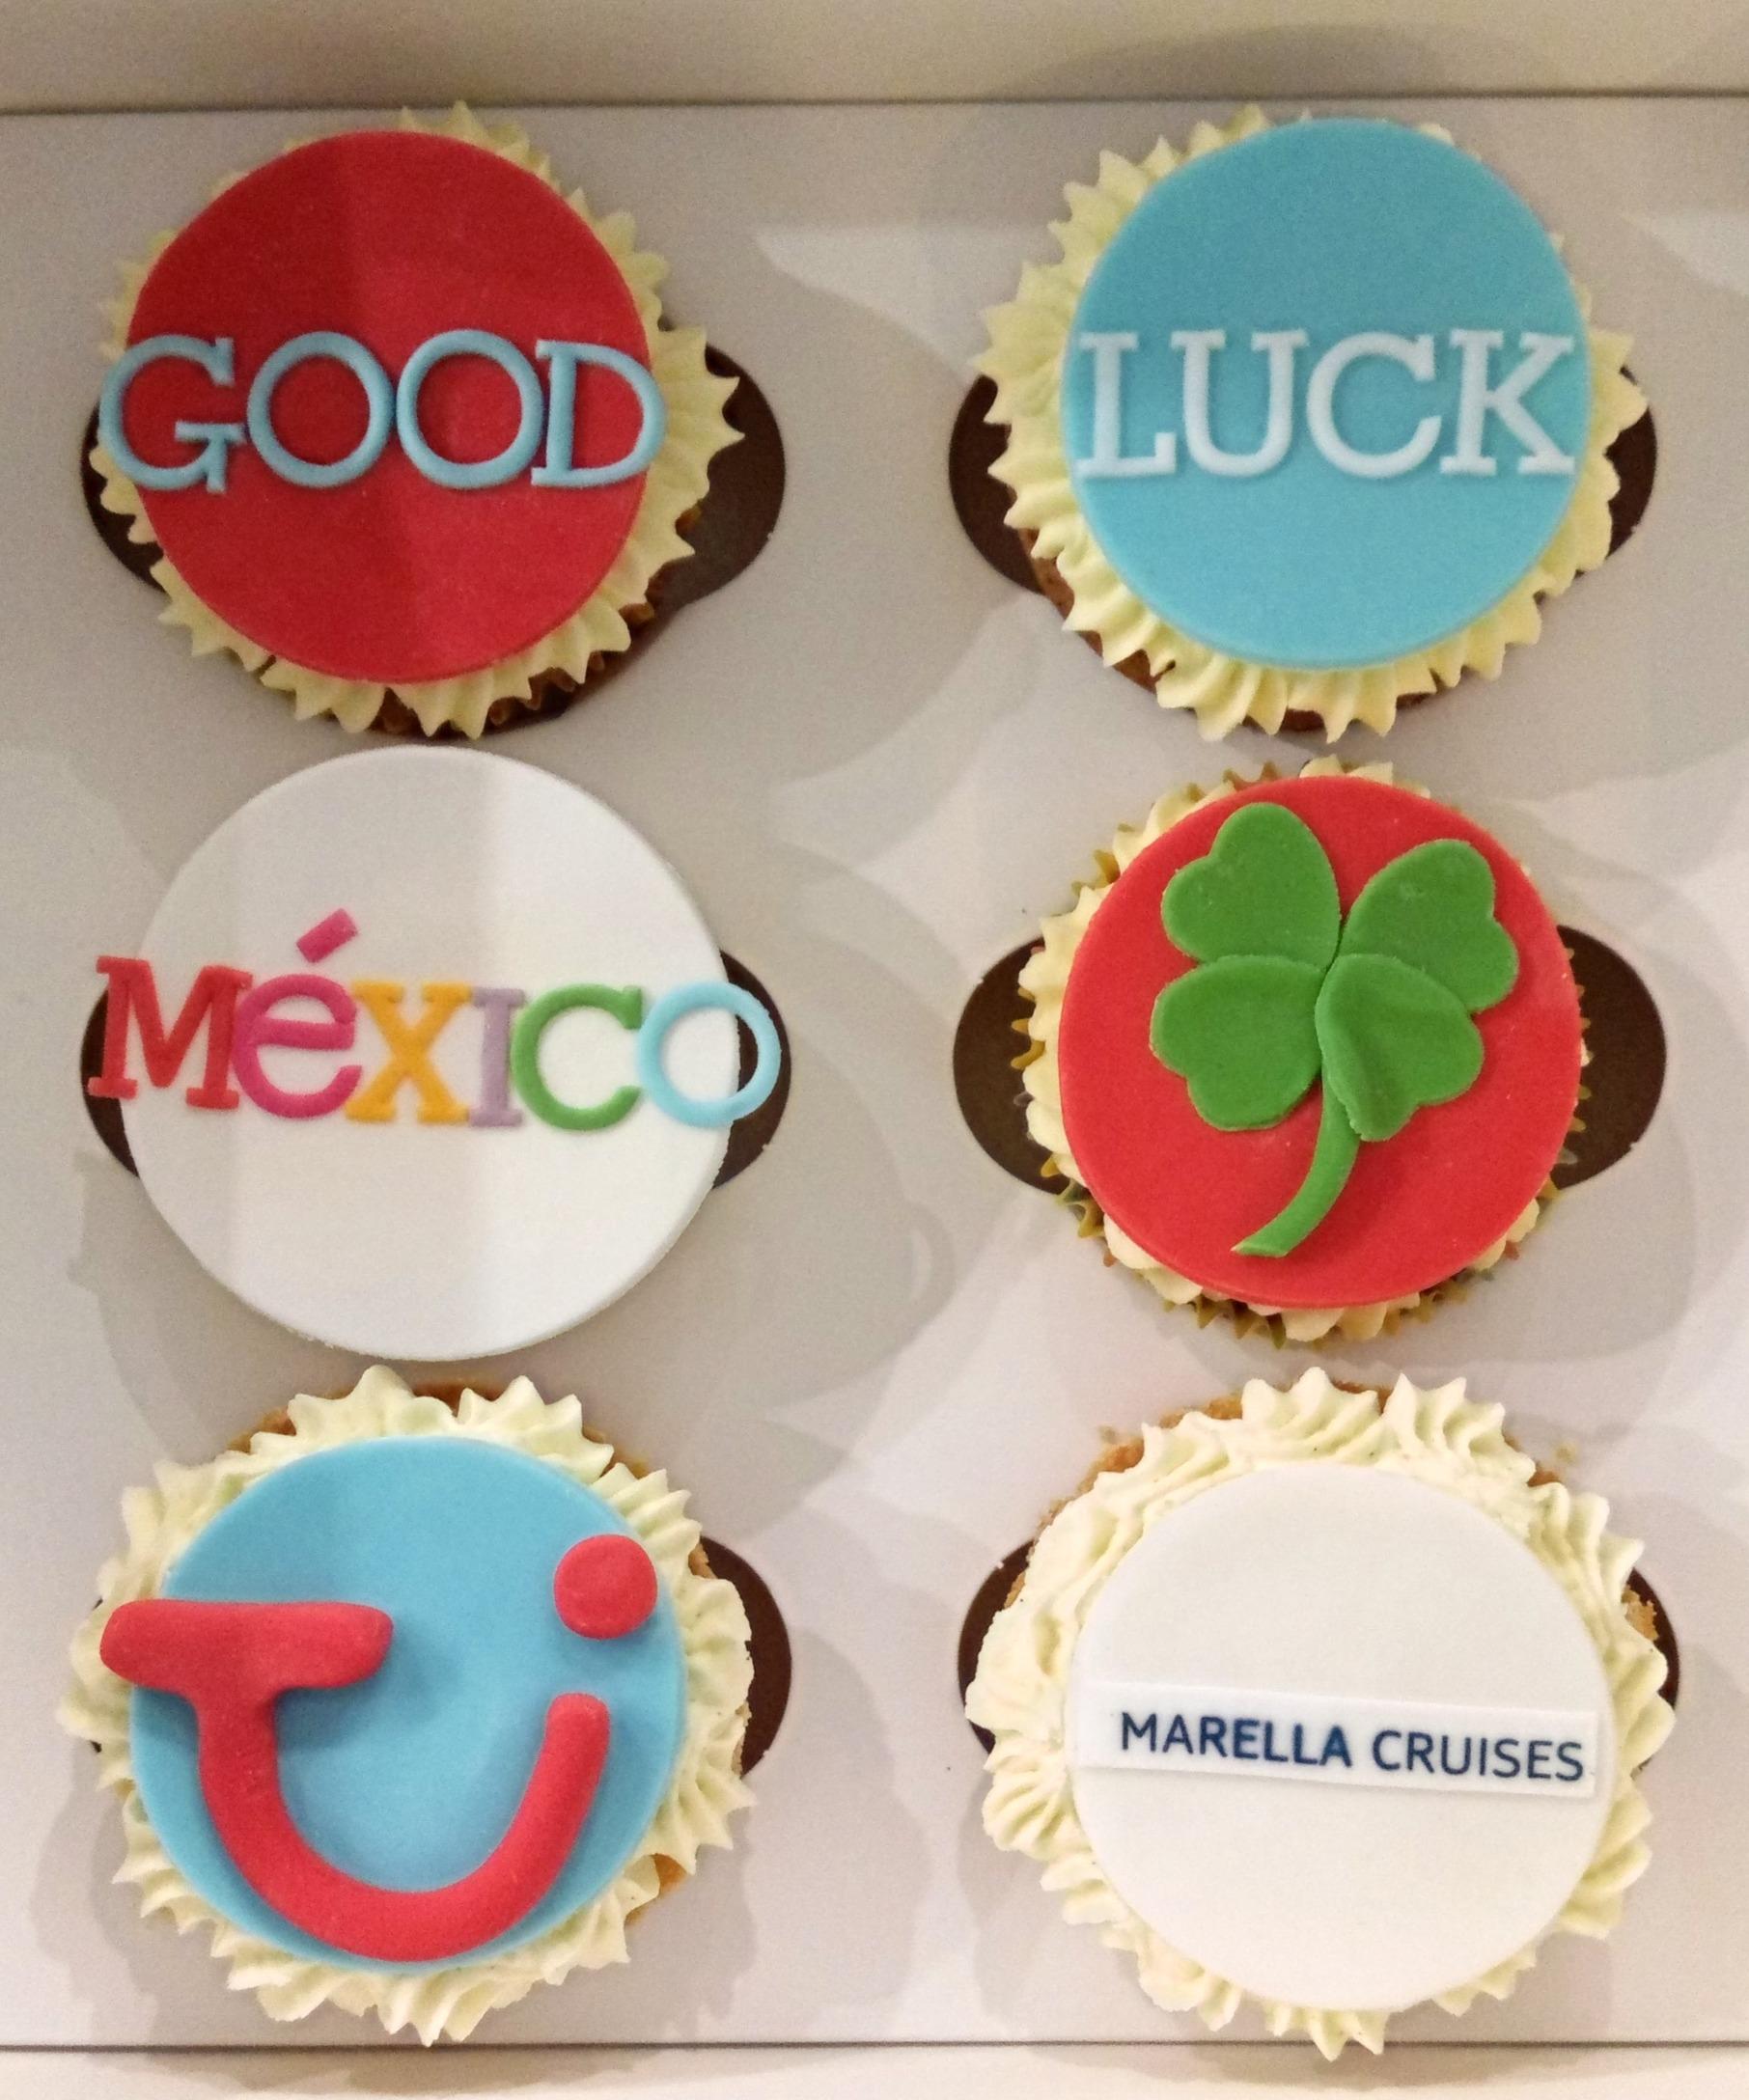 New Job Good Luck Cupcakes